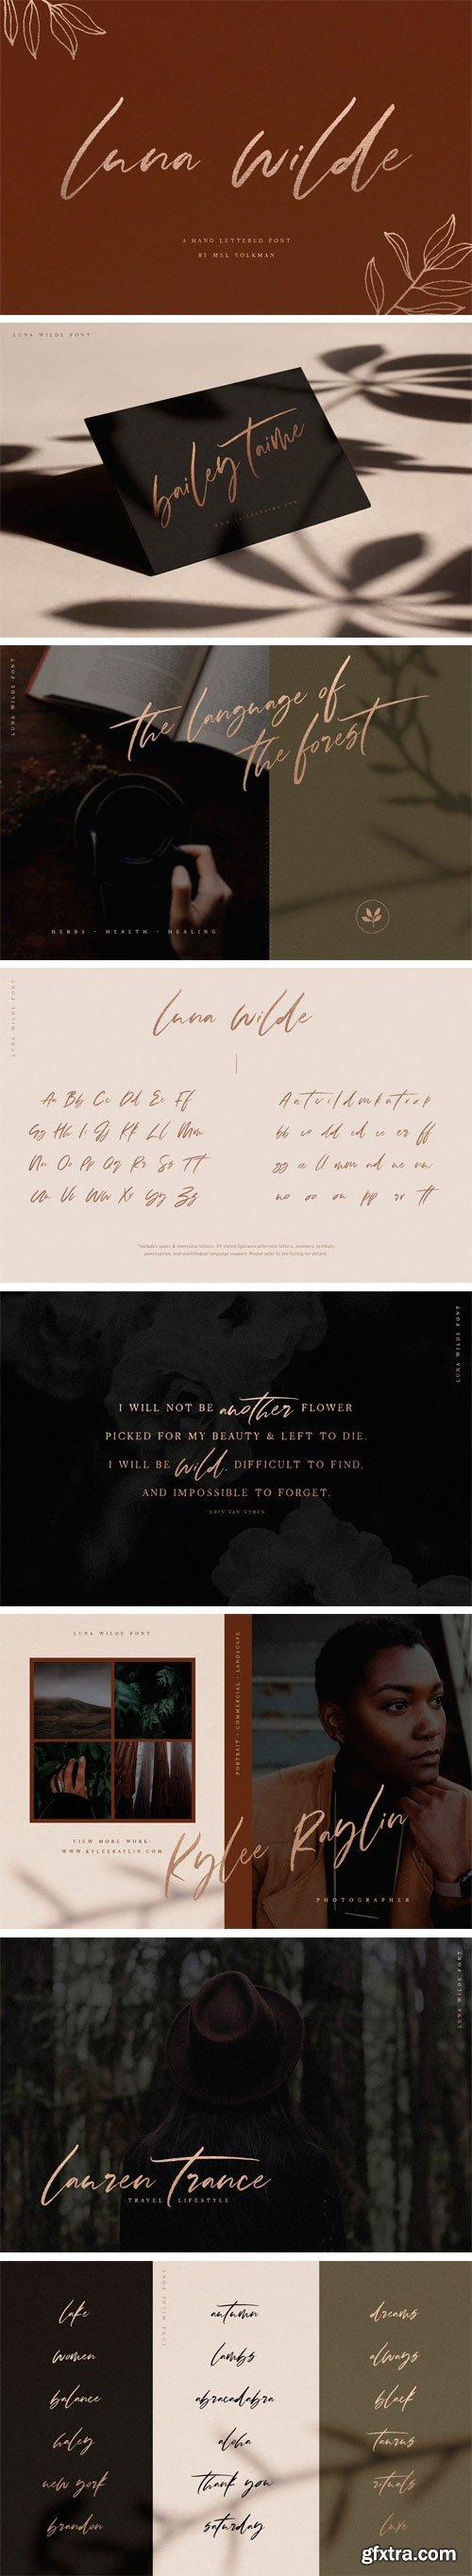 Luna Wilde Font